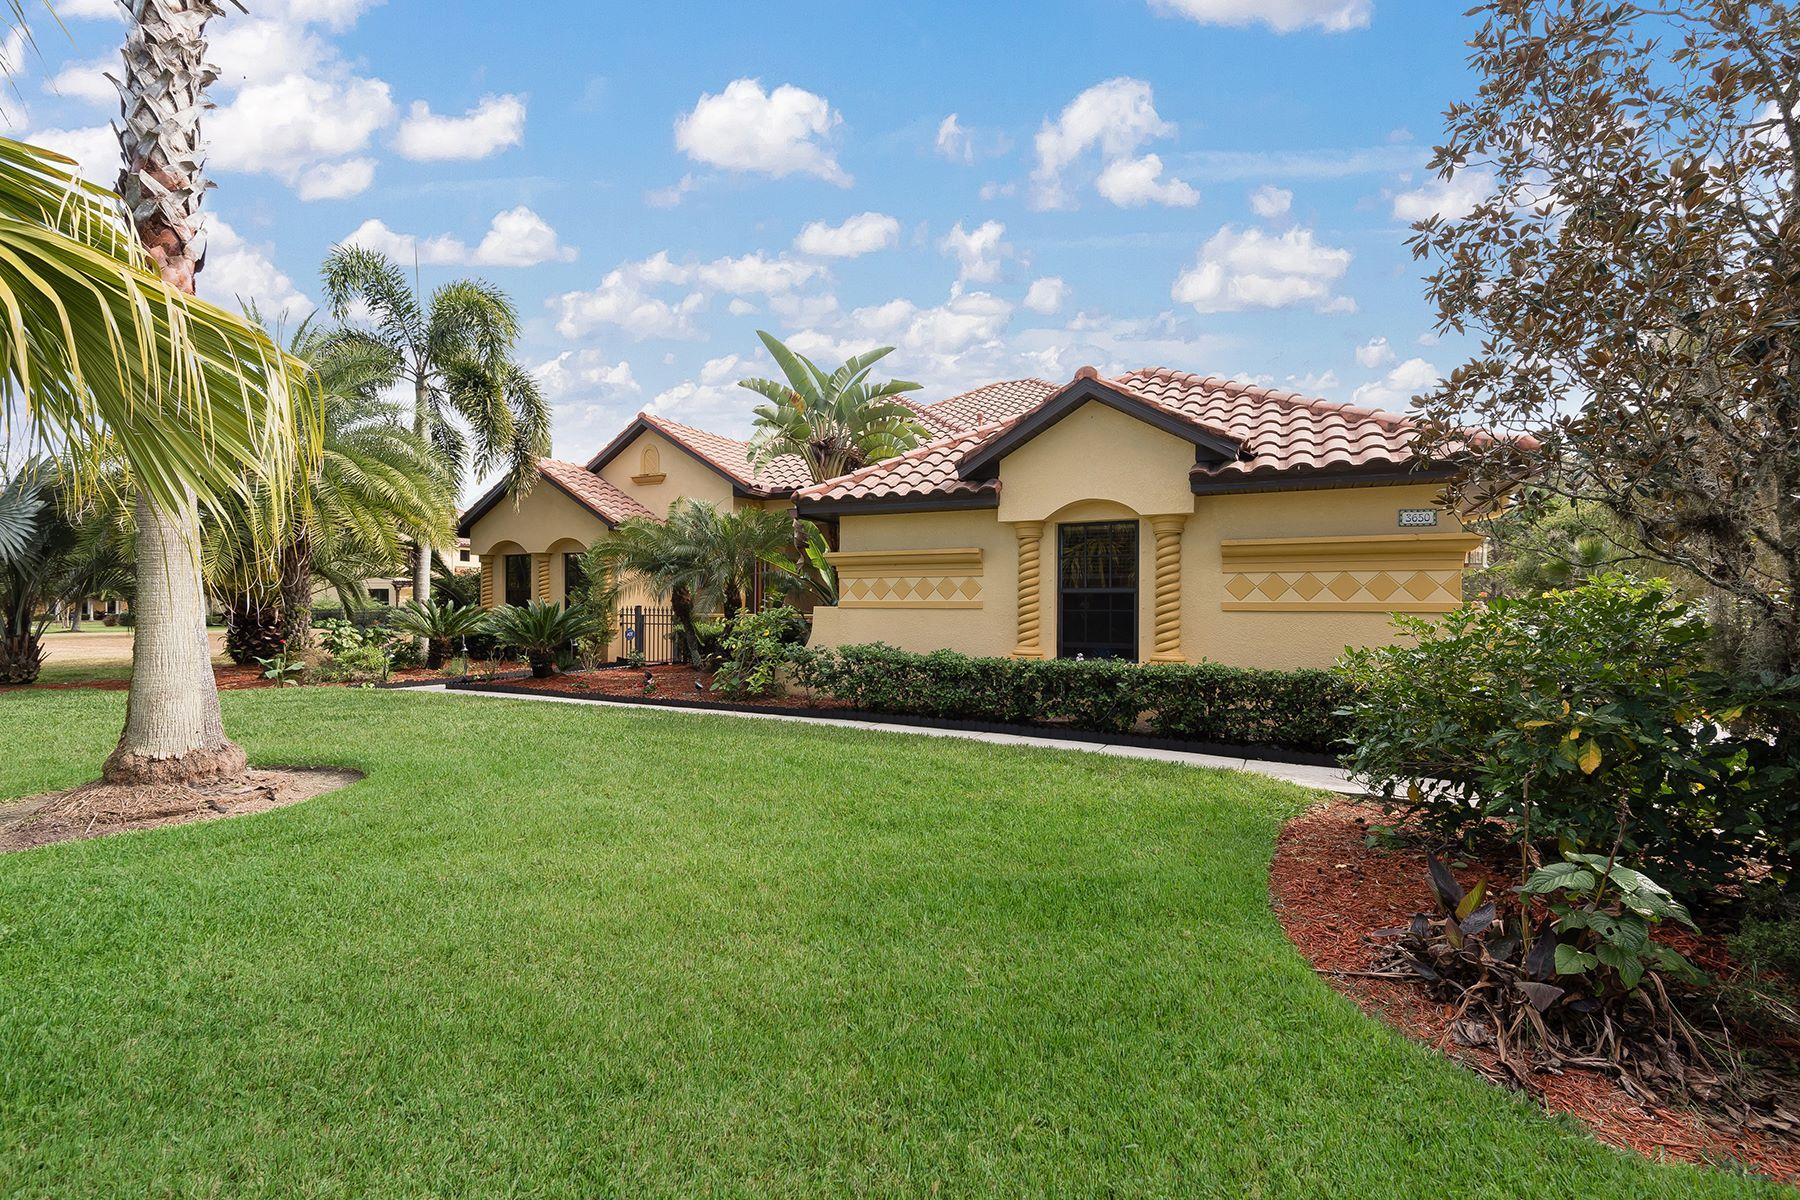 Tek Ailelik Ev için Satış at LAND O LAKES 3650 Marbury Ct Land O' Lakes, Florida, 34638 Amerika Birleşik Devletleri